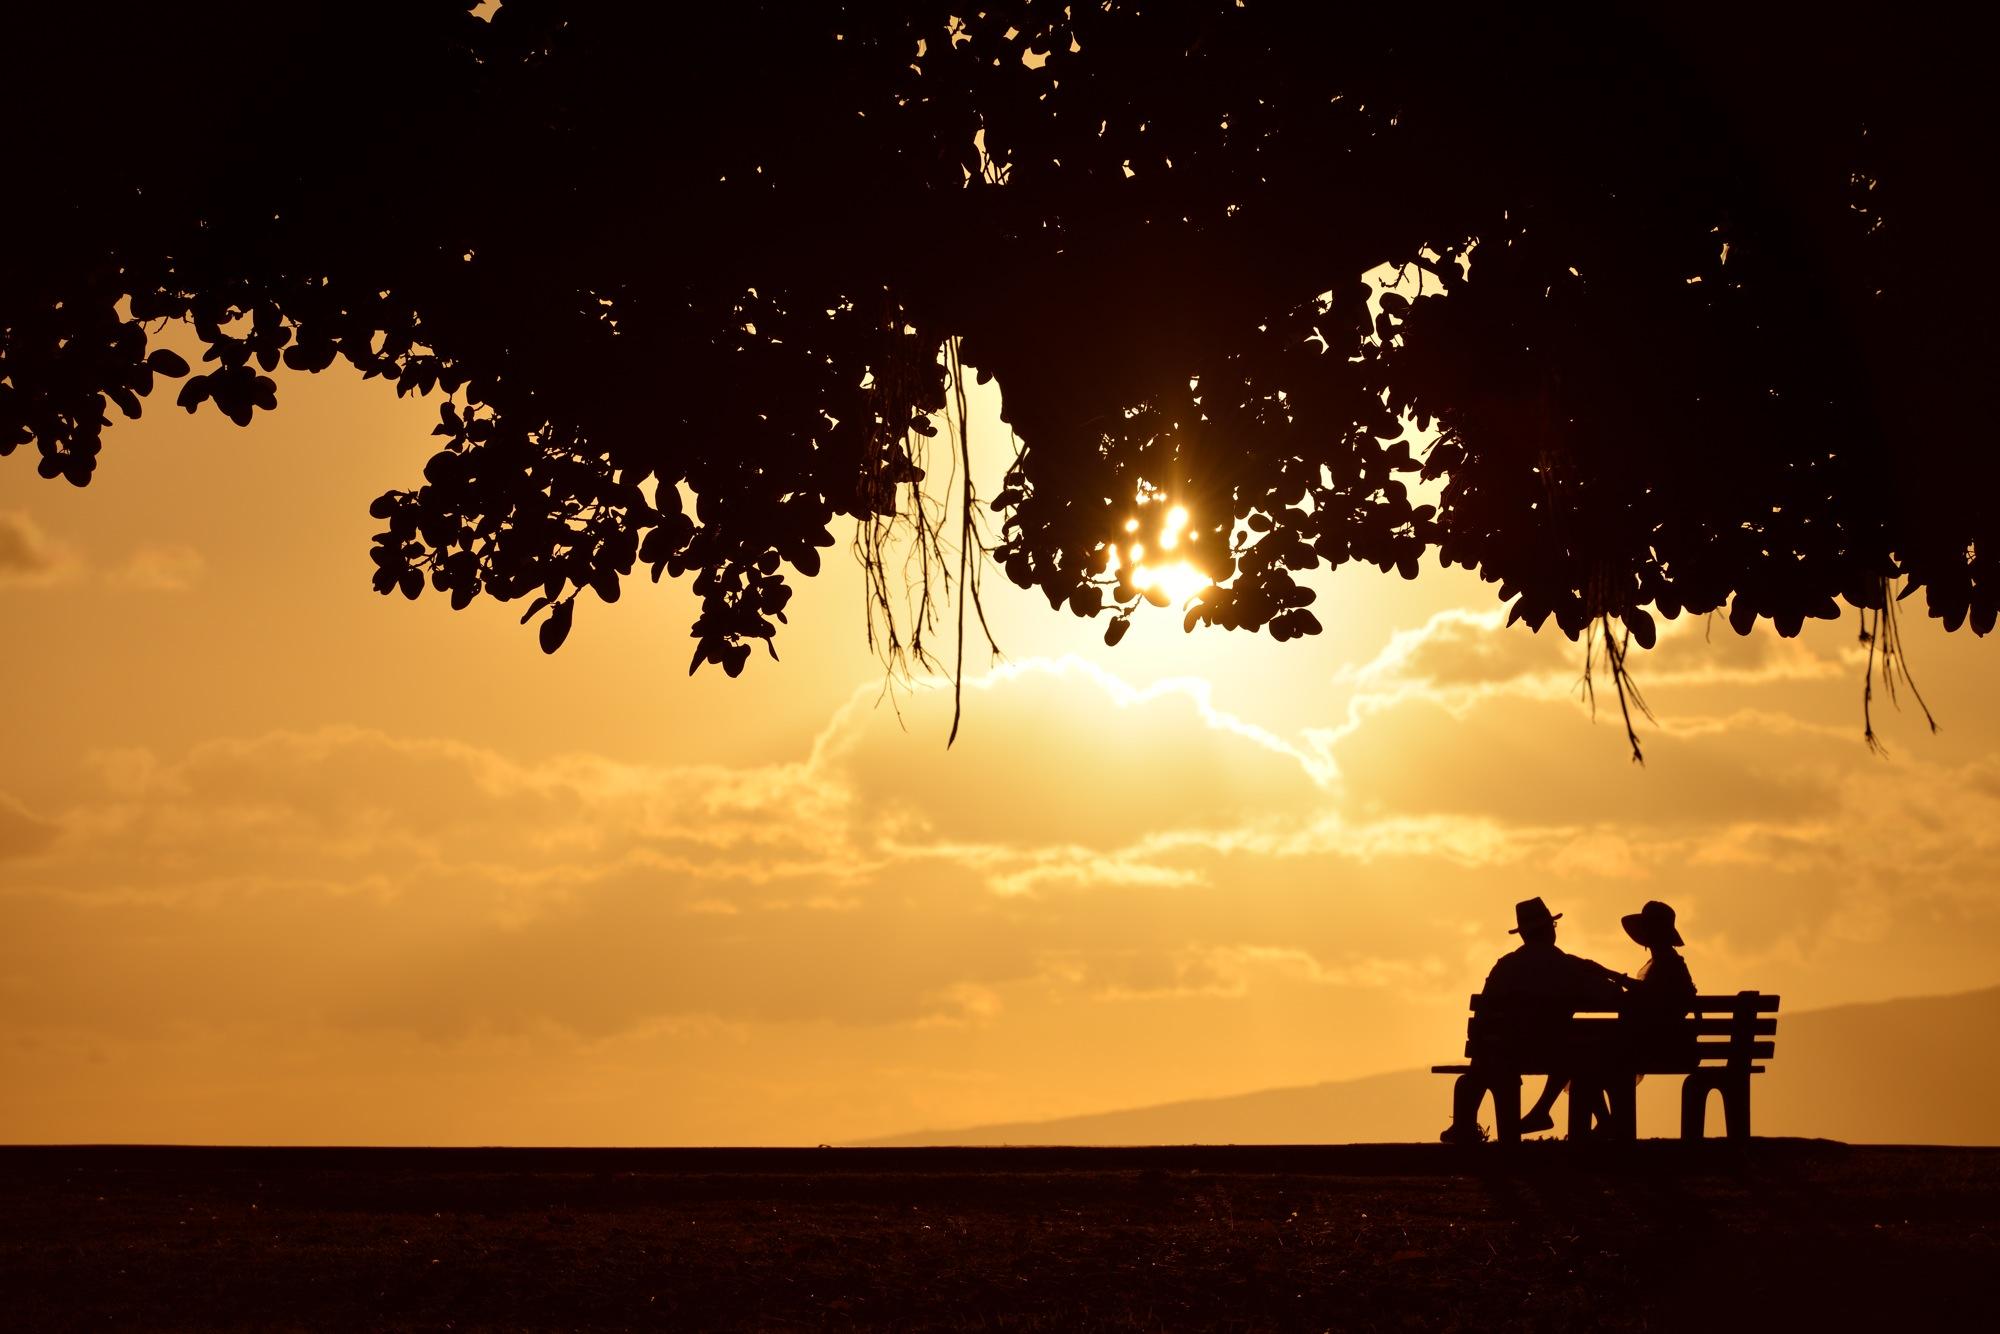 アラモアナパーク夕陽6.jpg